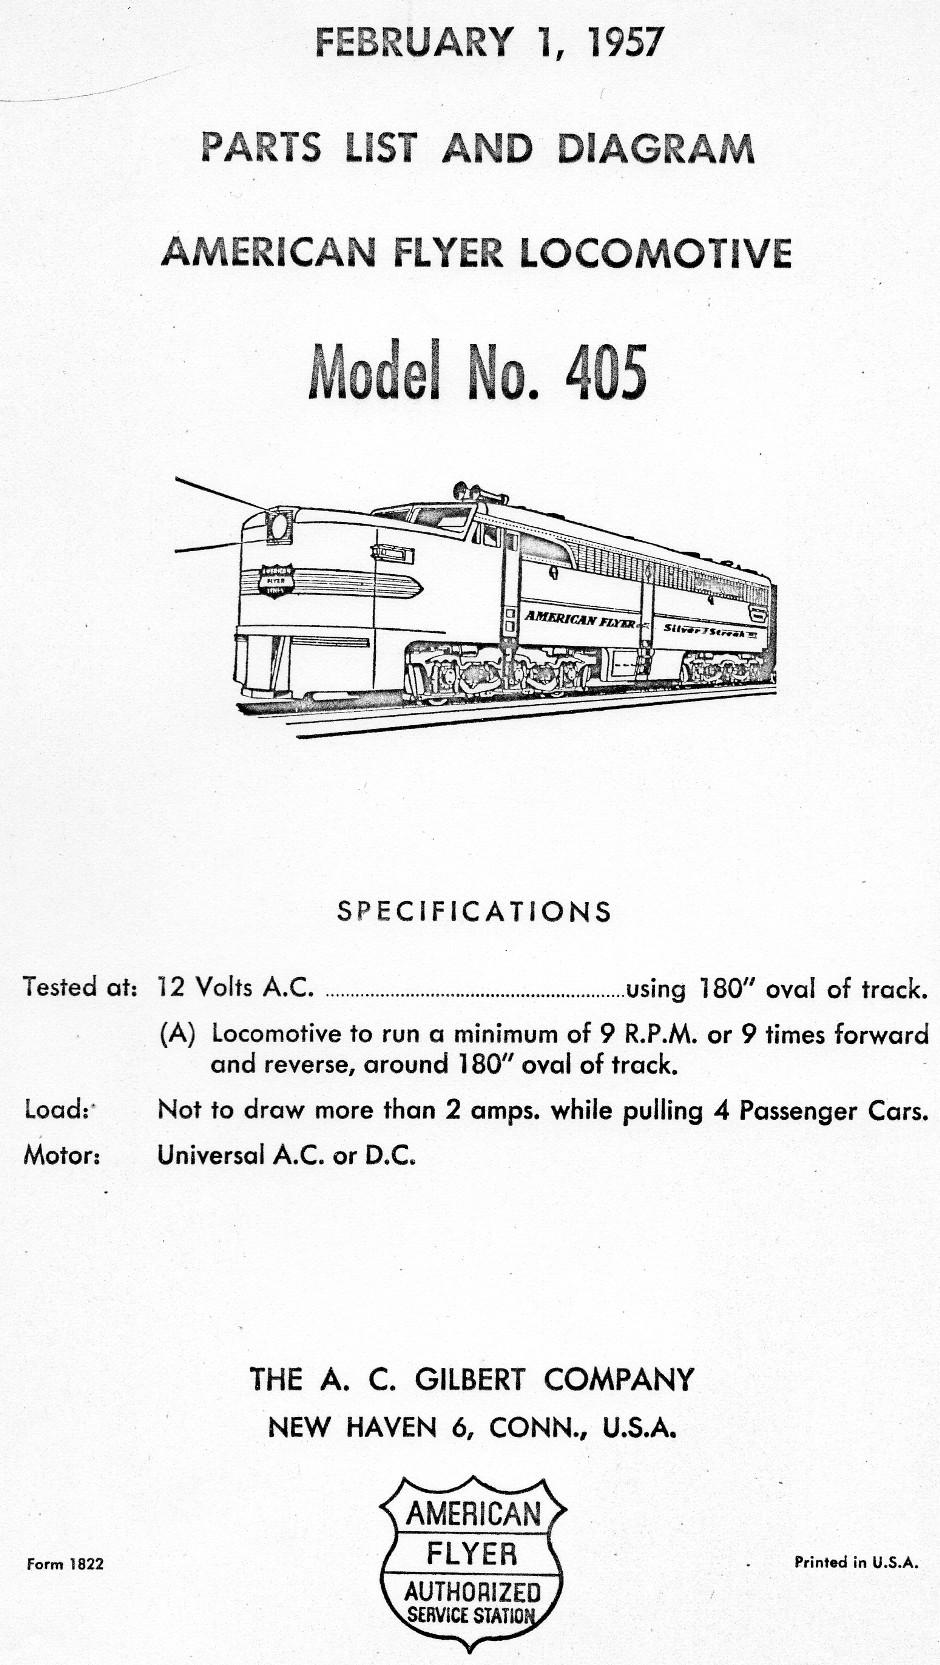 American Flyer Locomotive 405 Parts List & Diagram - Page 1